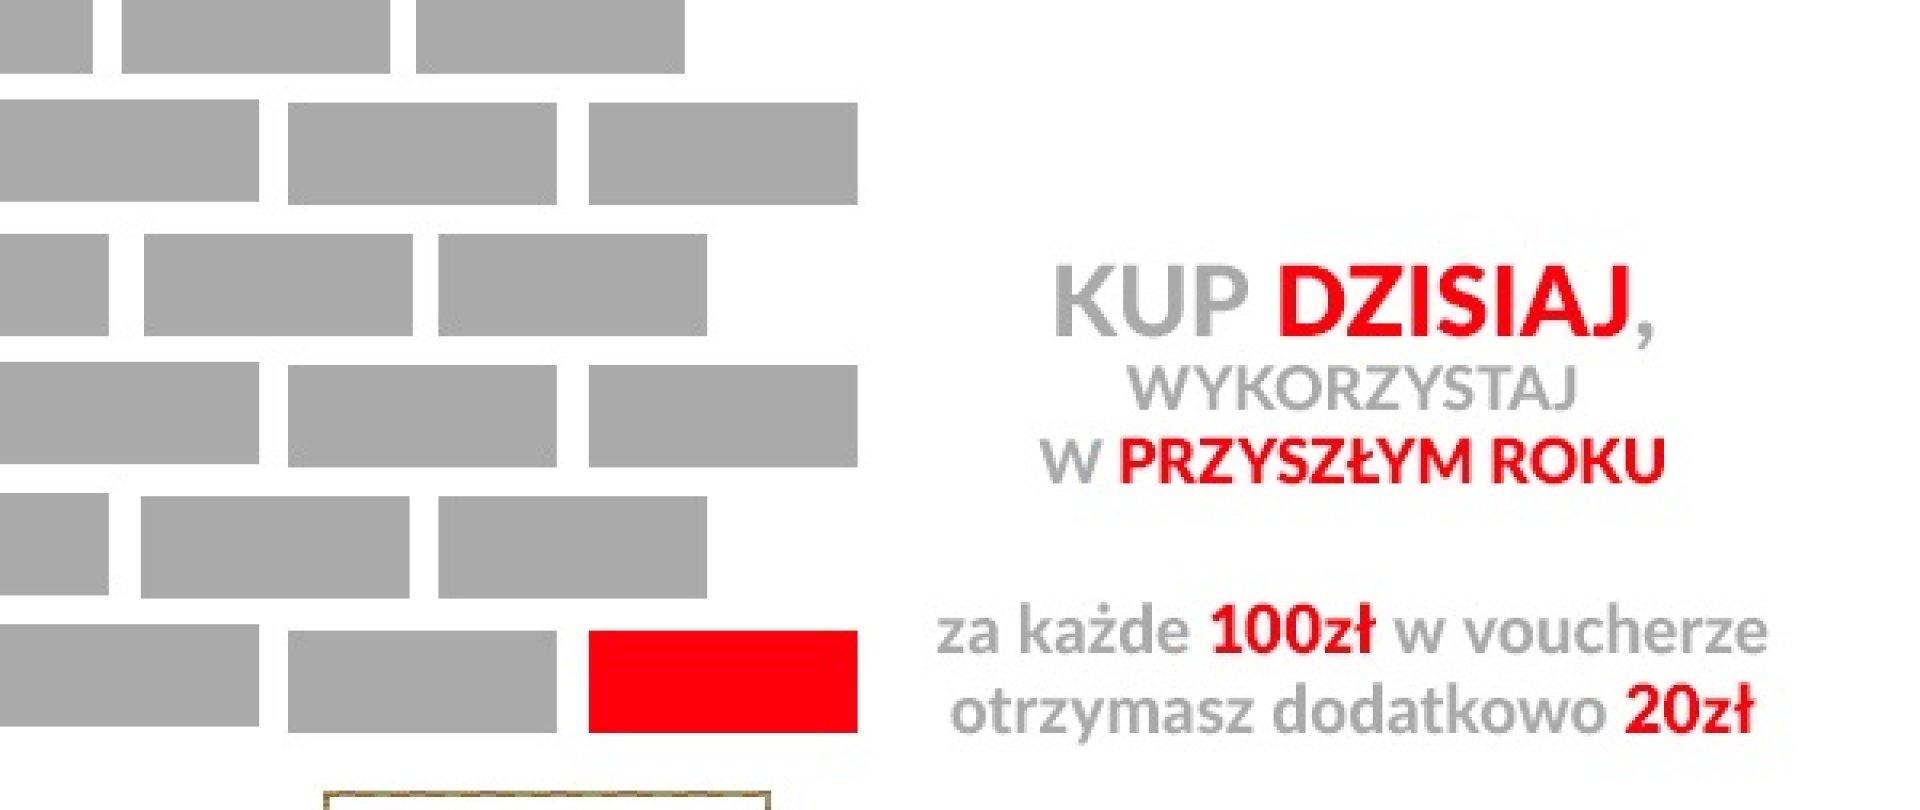 VOUCHER - CEGIEŁKA - RATUJMY POLSKIE HOTELE !!!